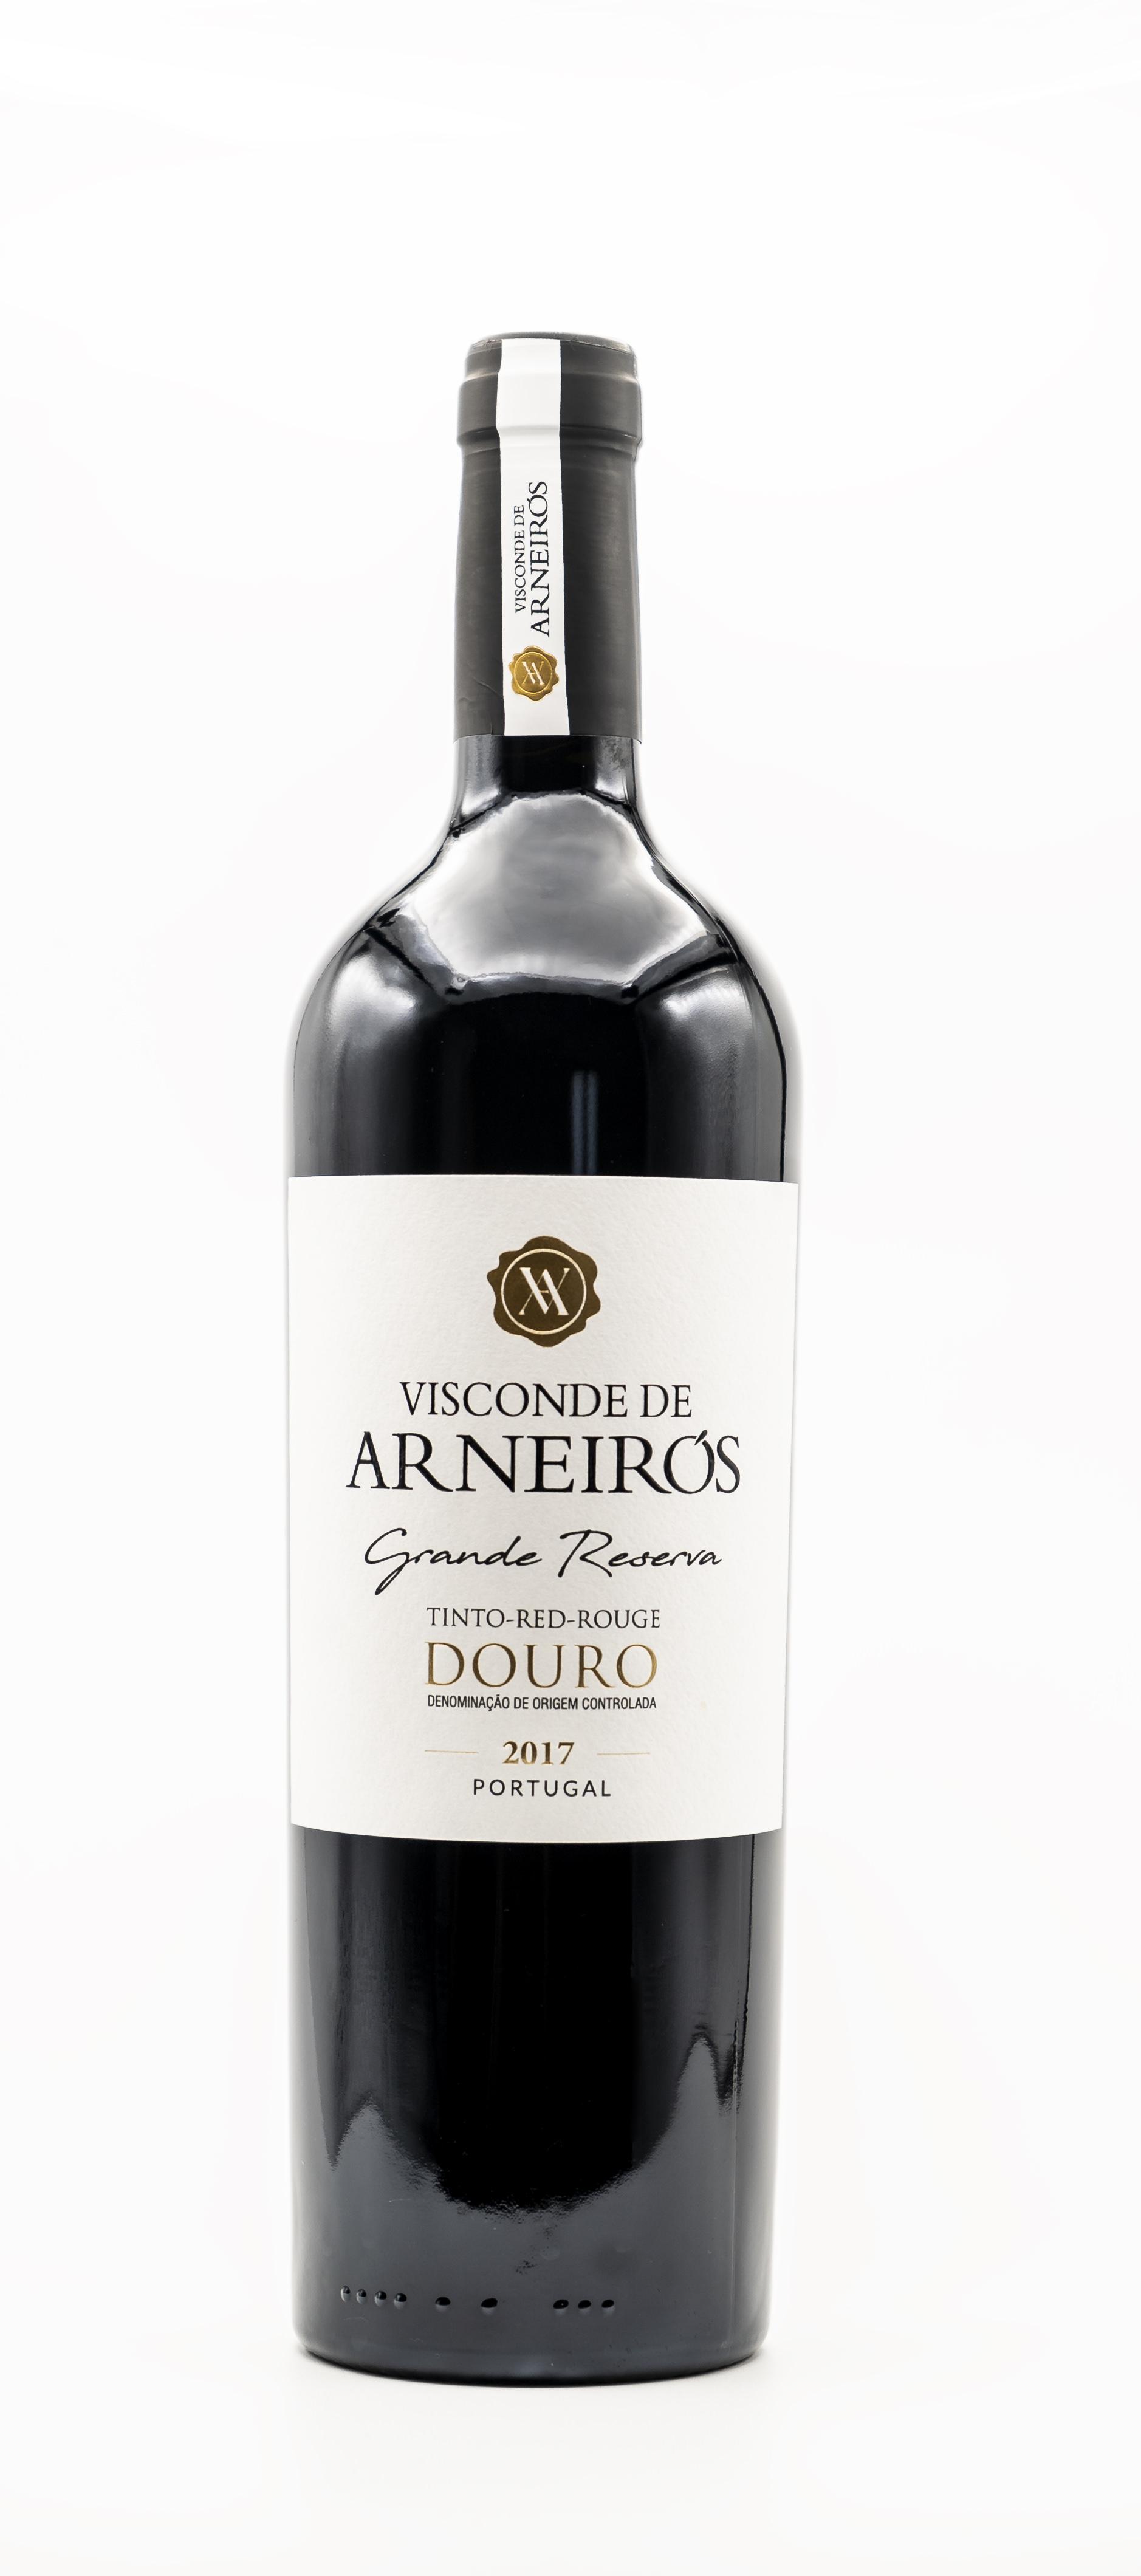 Best of Douro - Visconde Arneiros Grande Reserva Vinho Tinto